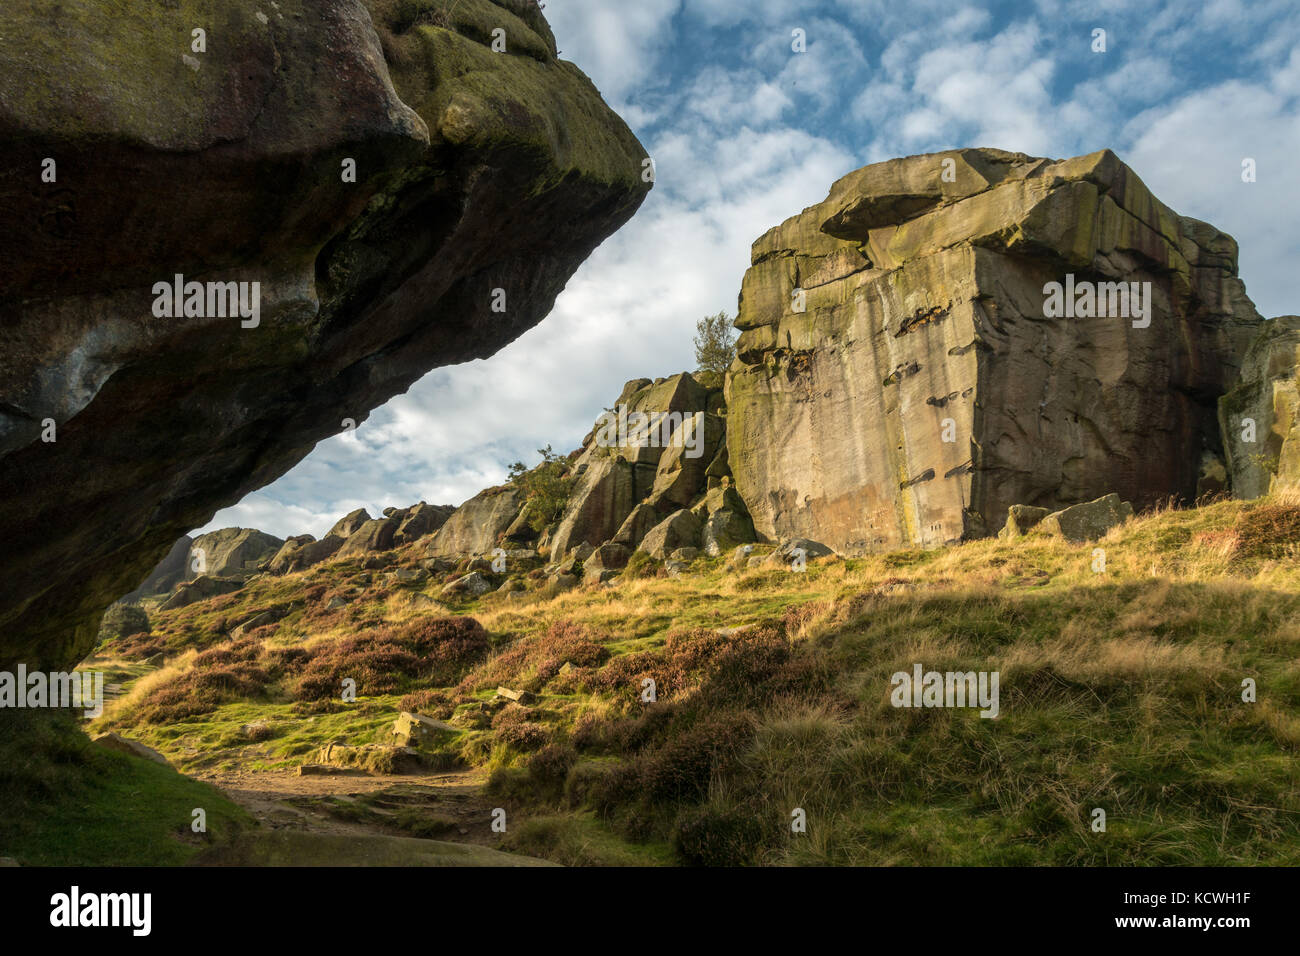 Rare vue sur le célèbre monument de la Vache et son veau Les Roches, Ilkley Moor, Yorkshire Photo Stock